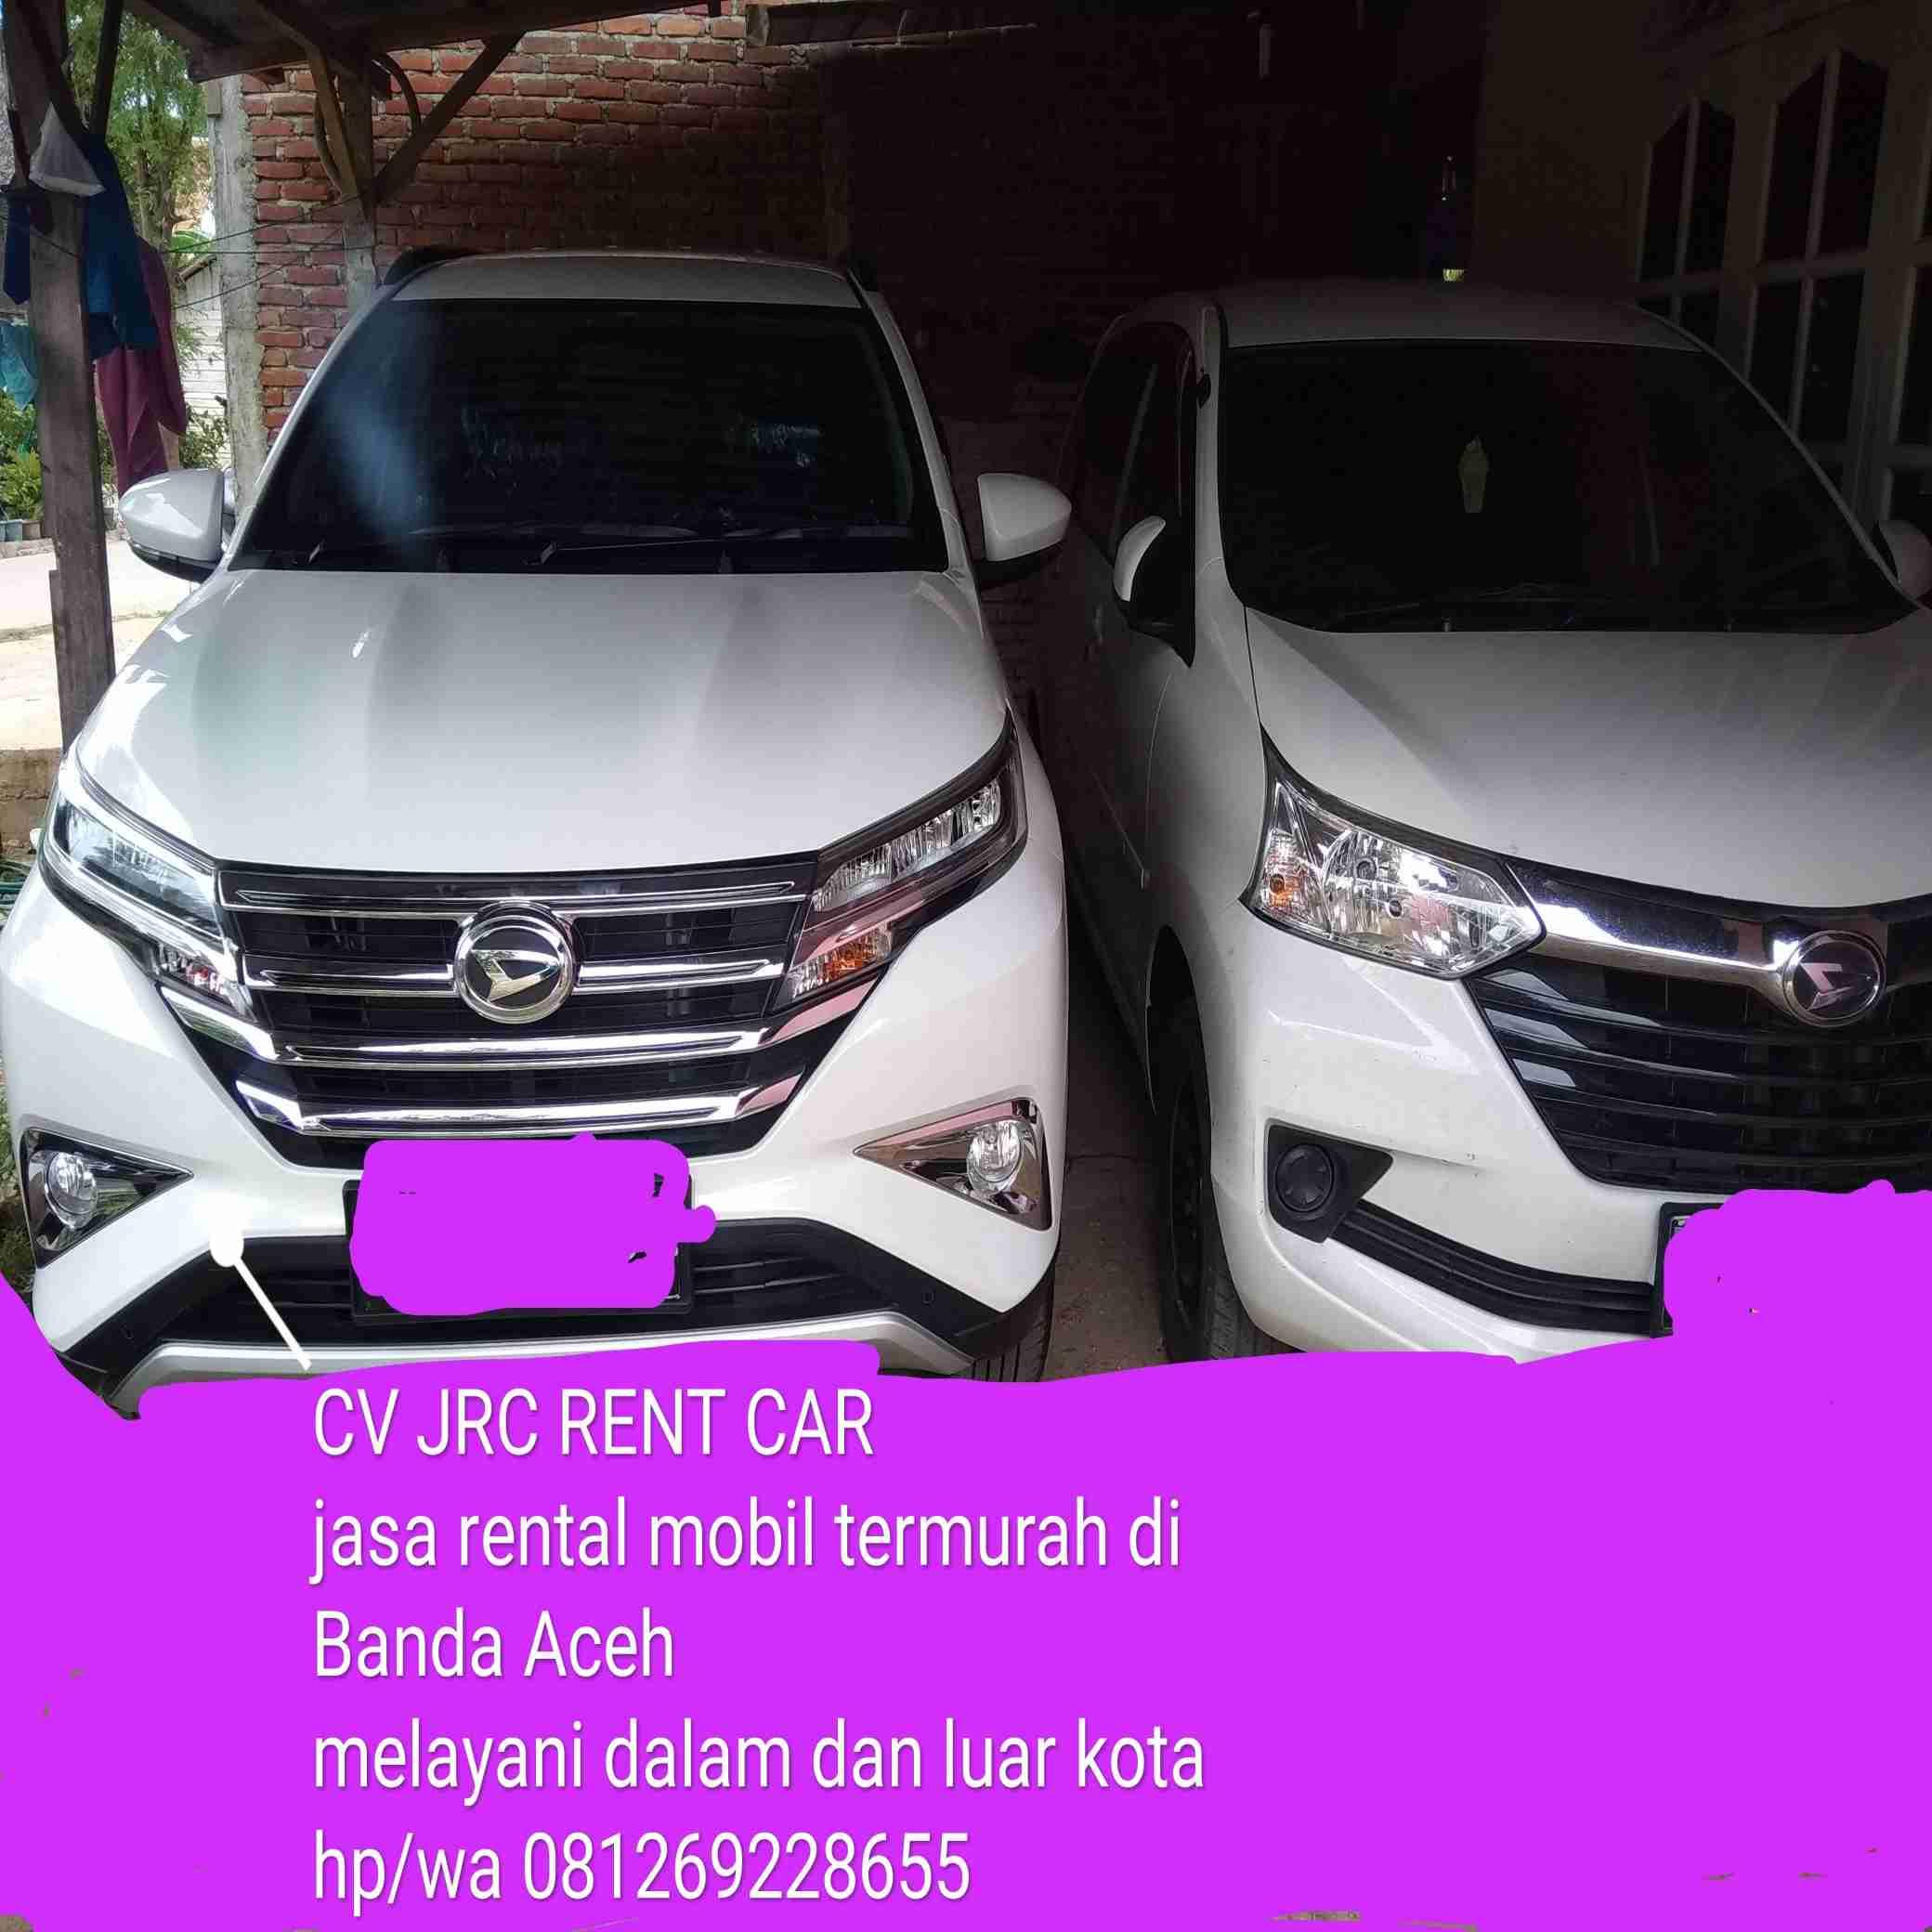 jasa rental mobil termurah di Banda Aceh